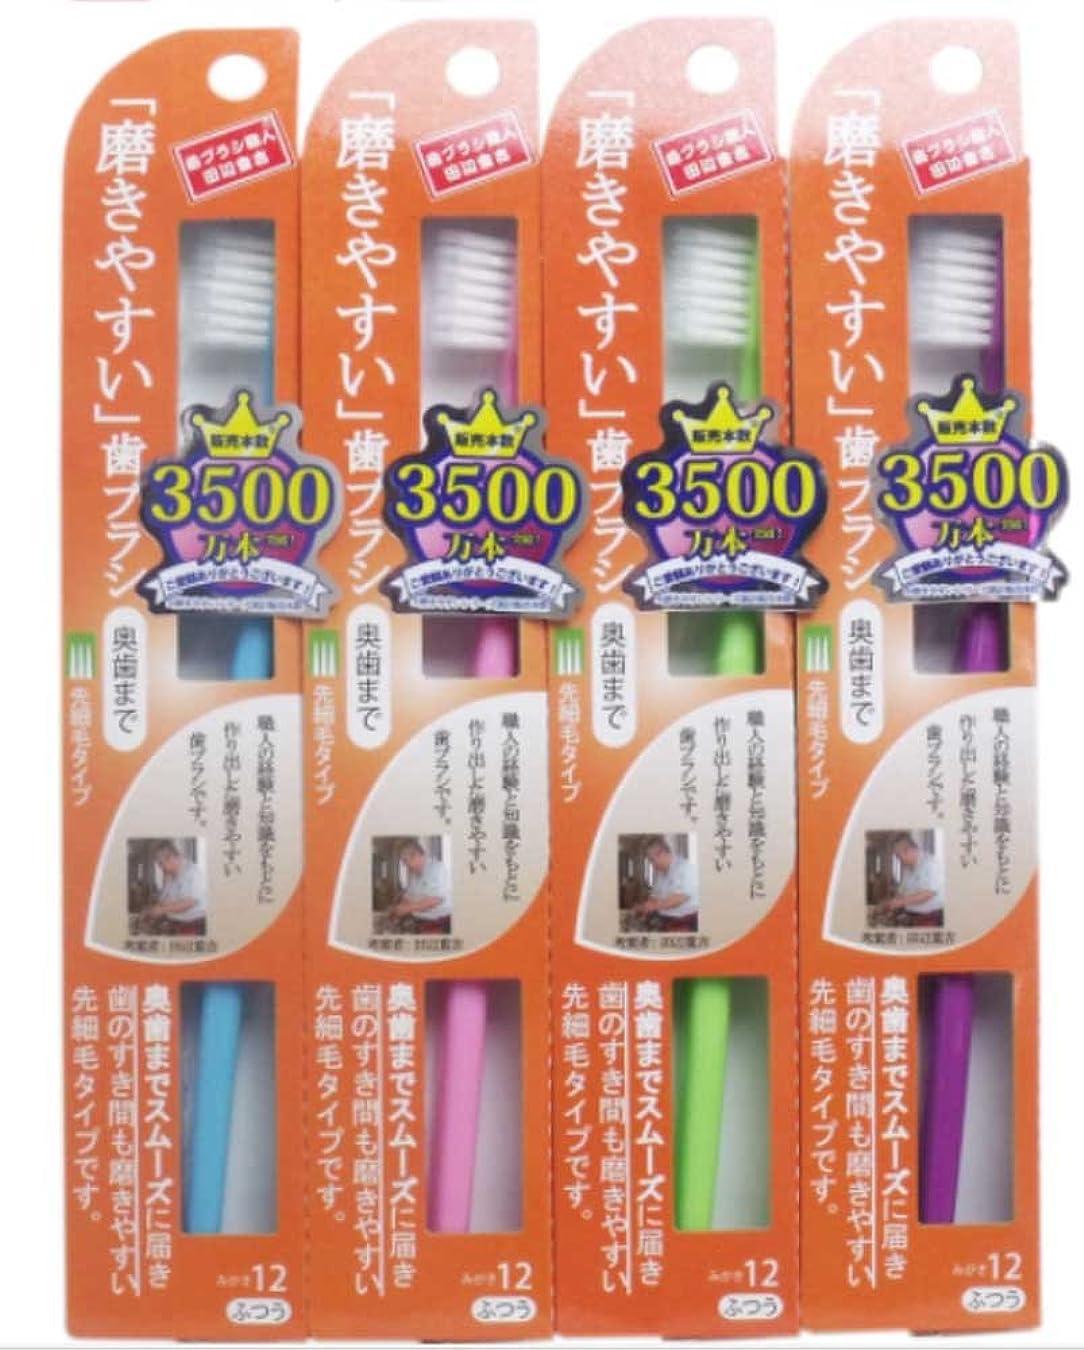 養う柔らかい足他のバンドでLT-12磨きやすい歯ブラシ先細 ライフレンジ